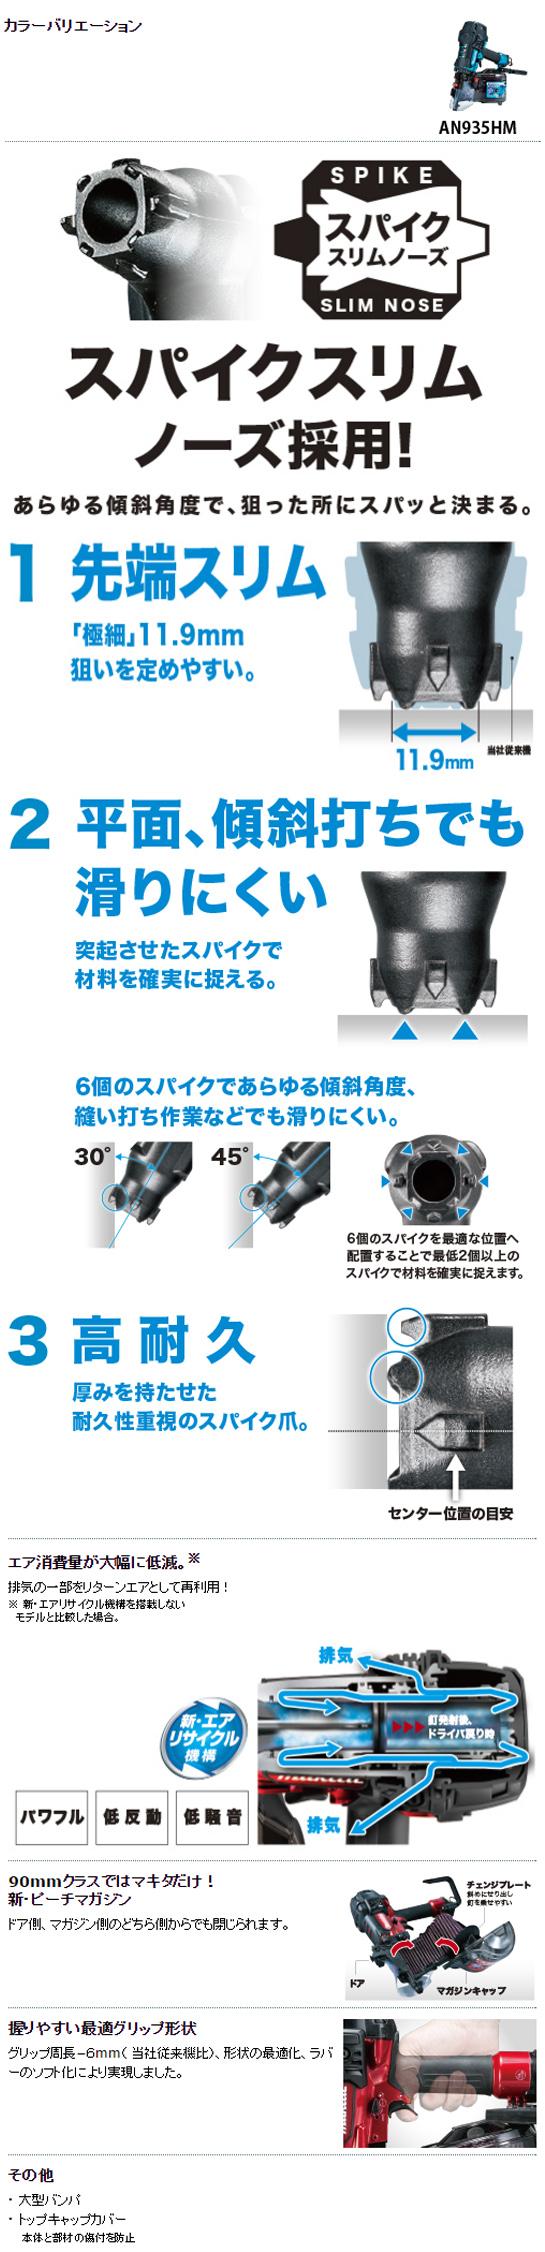 マキタ 90mm高圧エア釘打 AN934H/HM